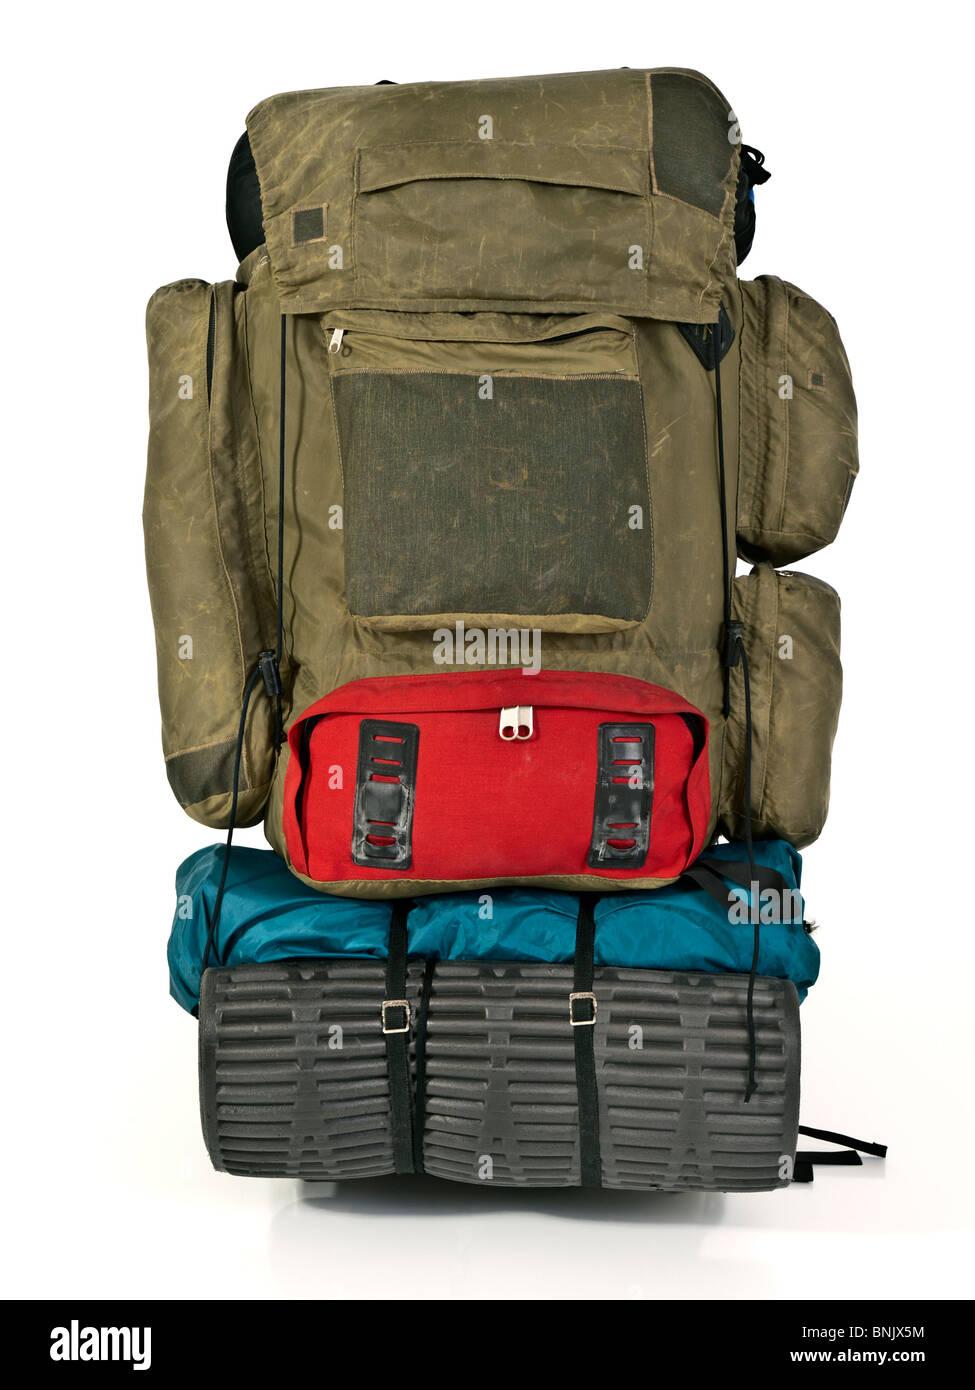 Treinta años de mochila. Parcheadas y goleó de muchas aventuras de alta elevación. Imagen De Stock